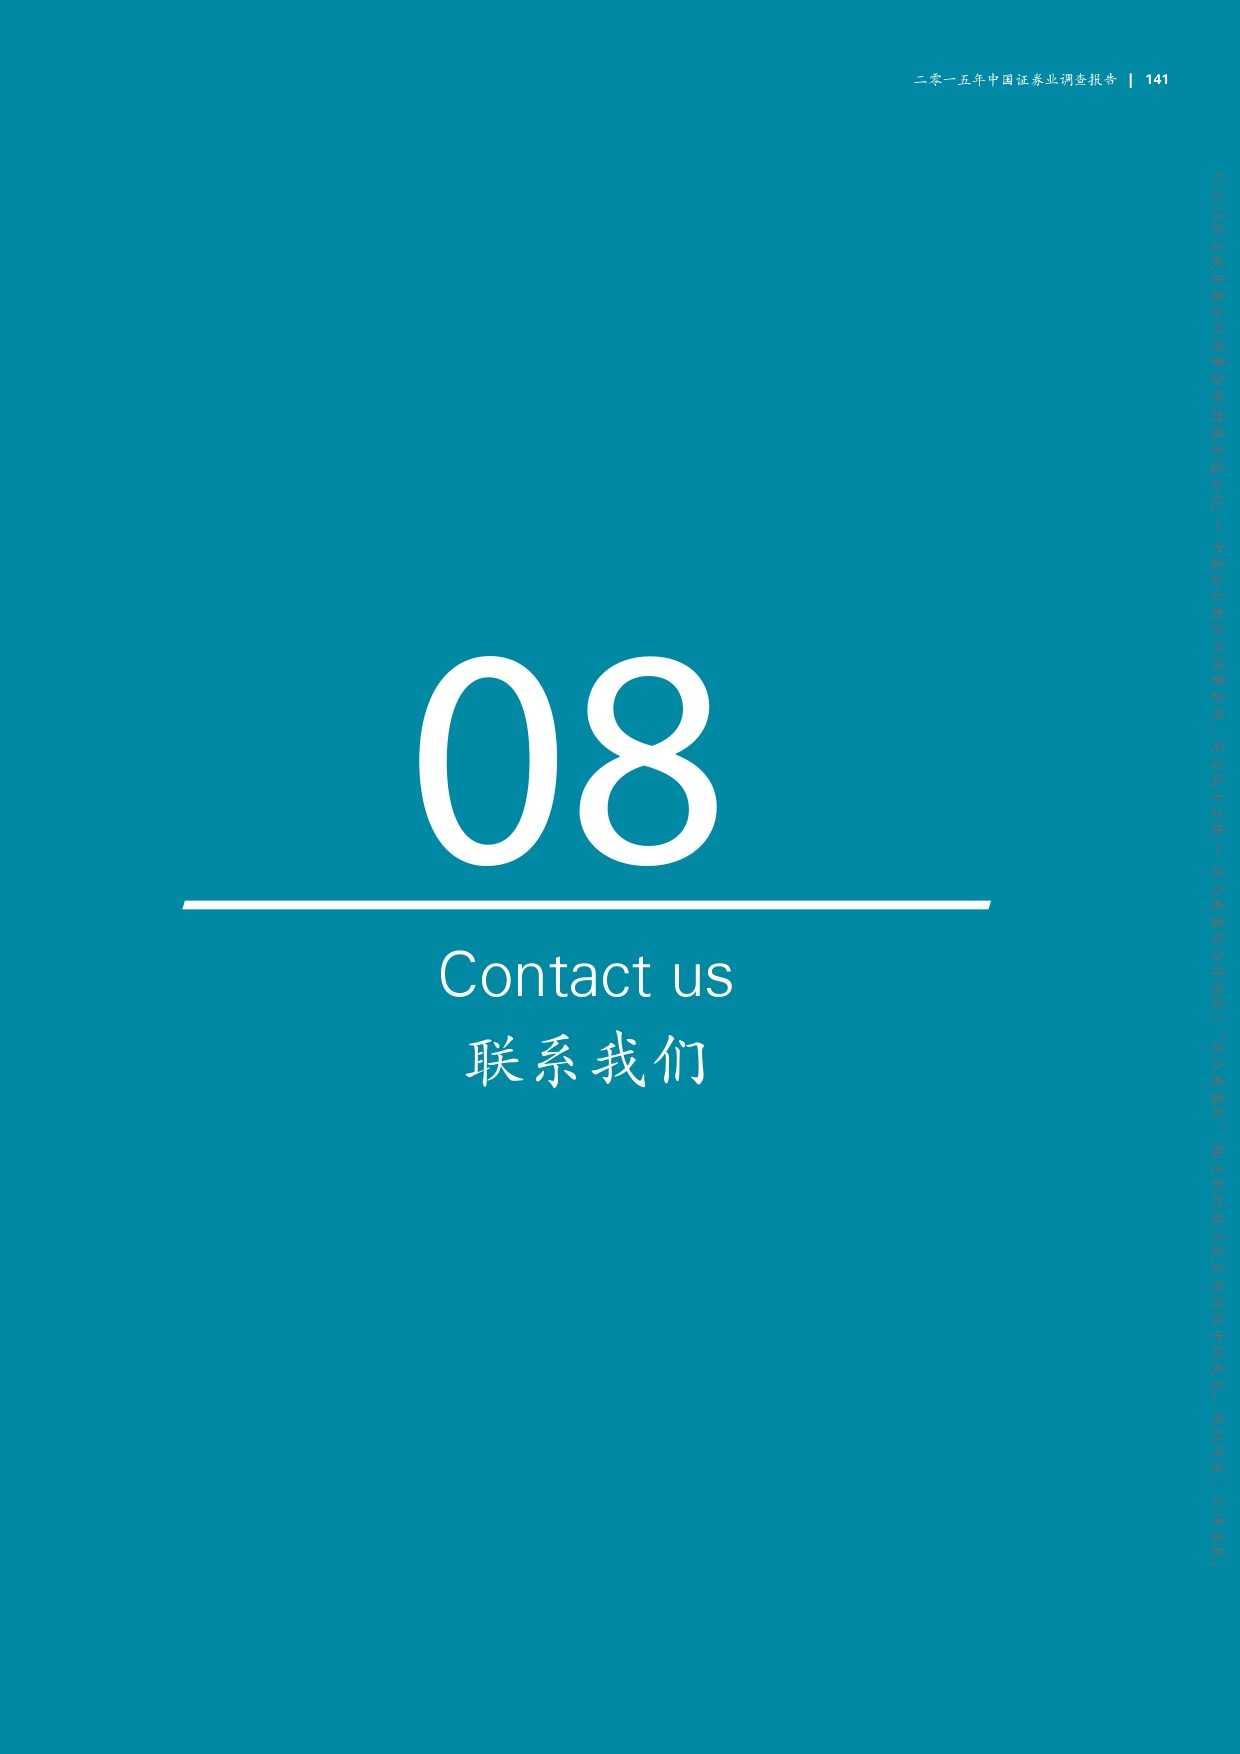 毕马威:2015年中国证券业调查报告_000143